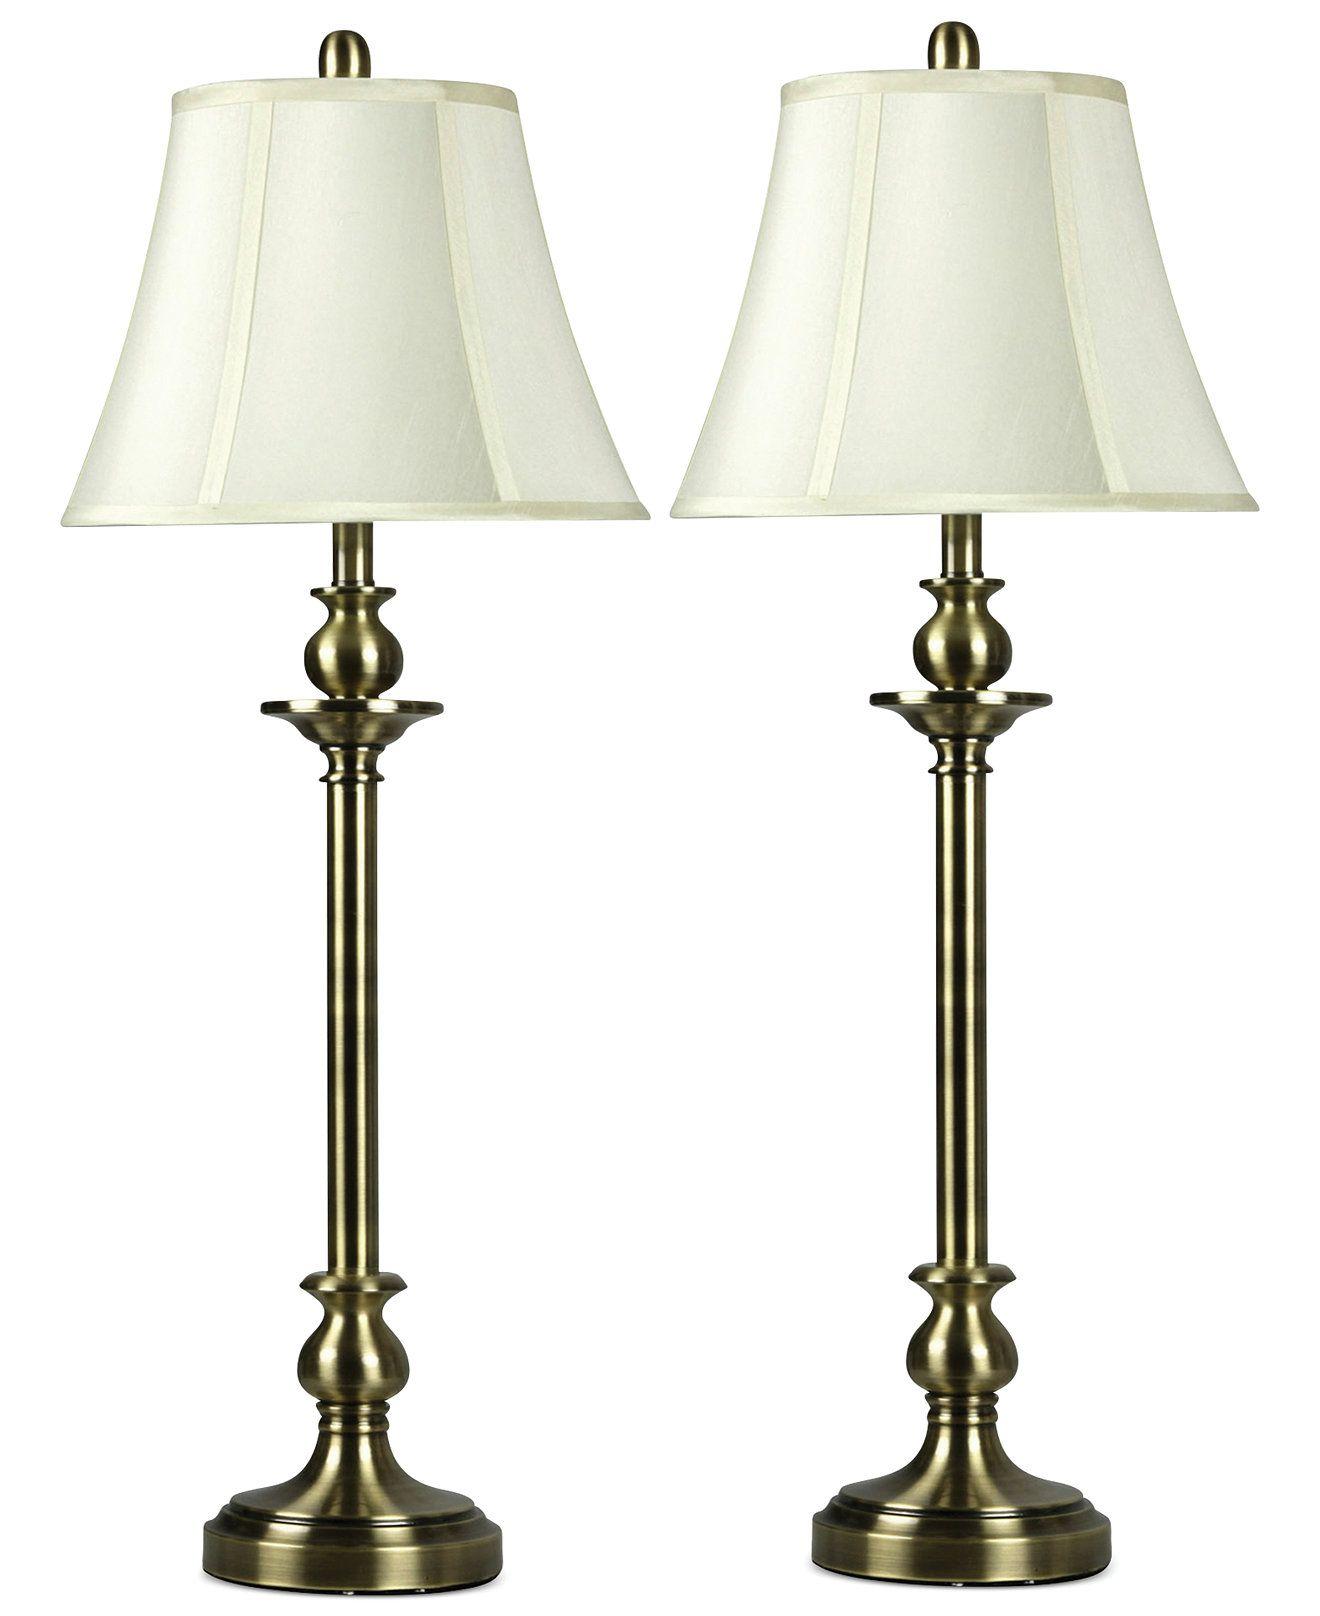 Stylecraft set of 2 antique brass buffet lamps lighting s